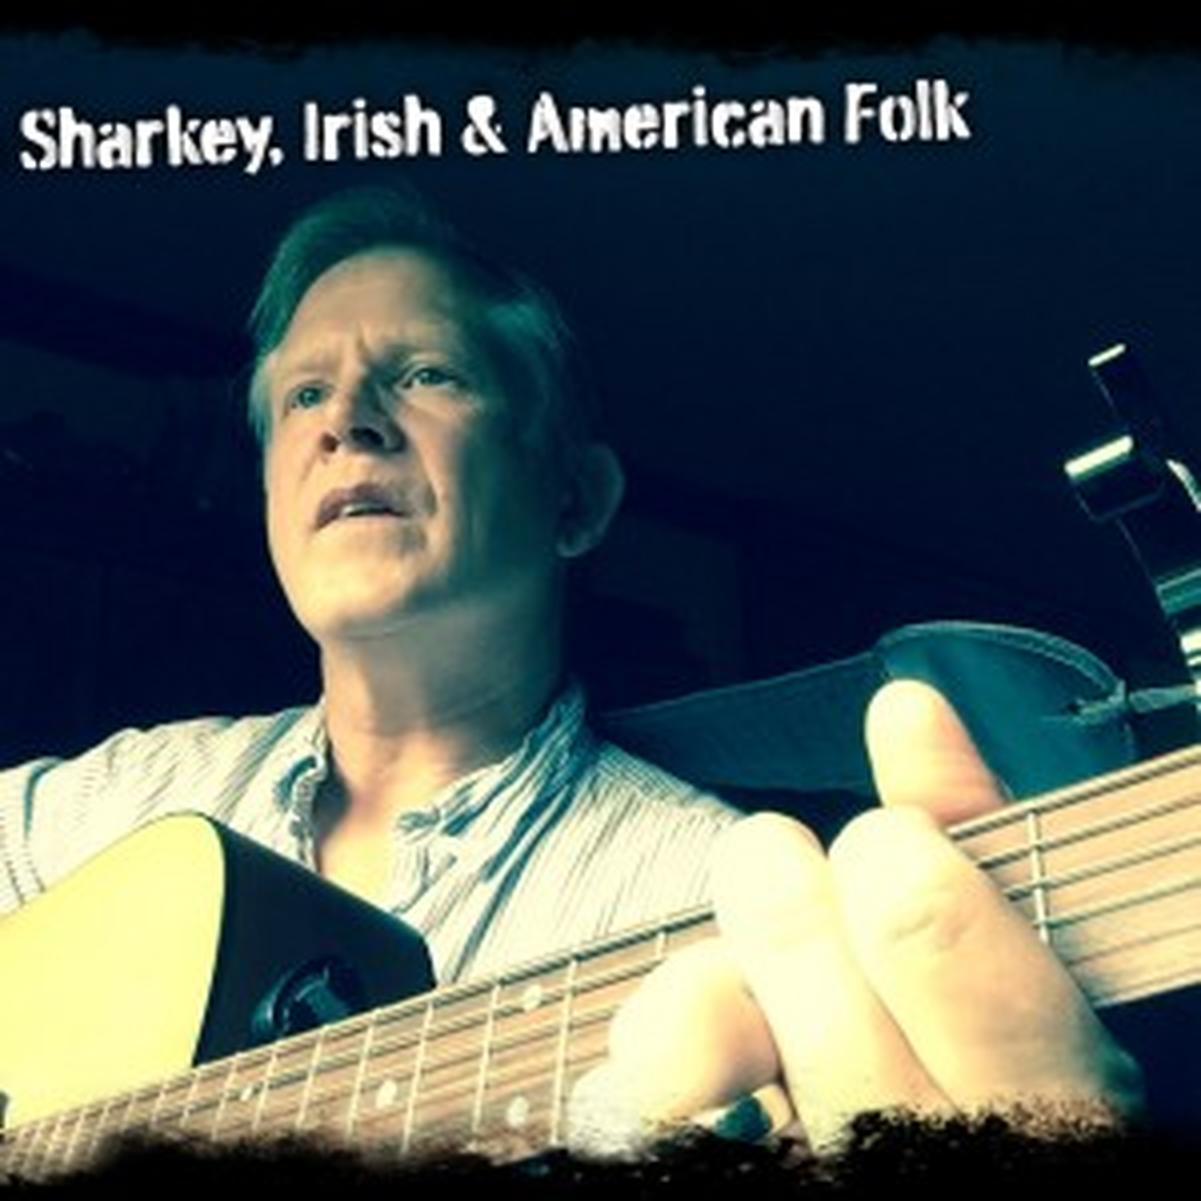 Jim Sharkey, Folk Musician